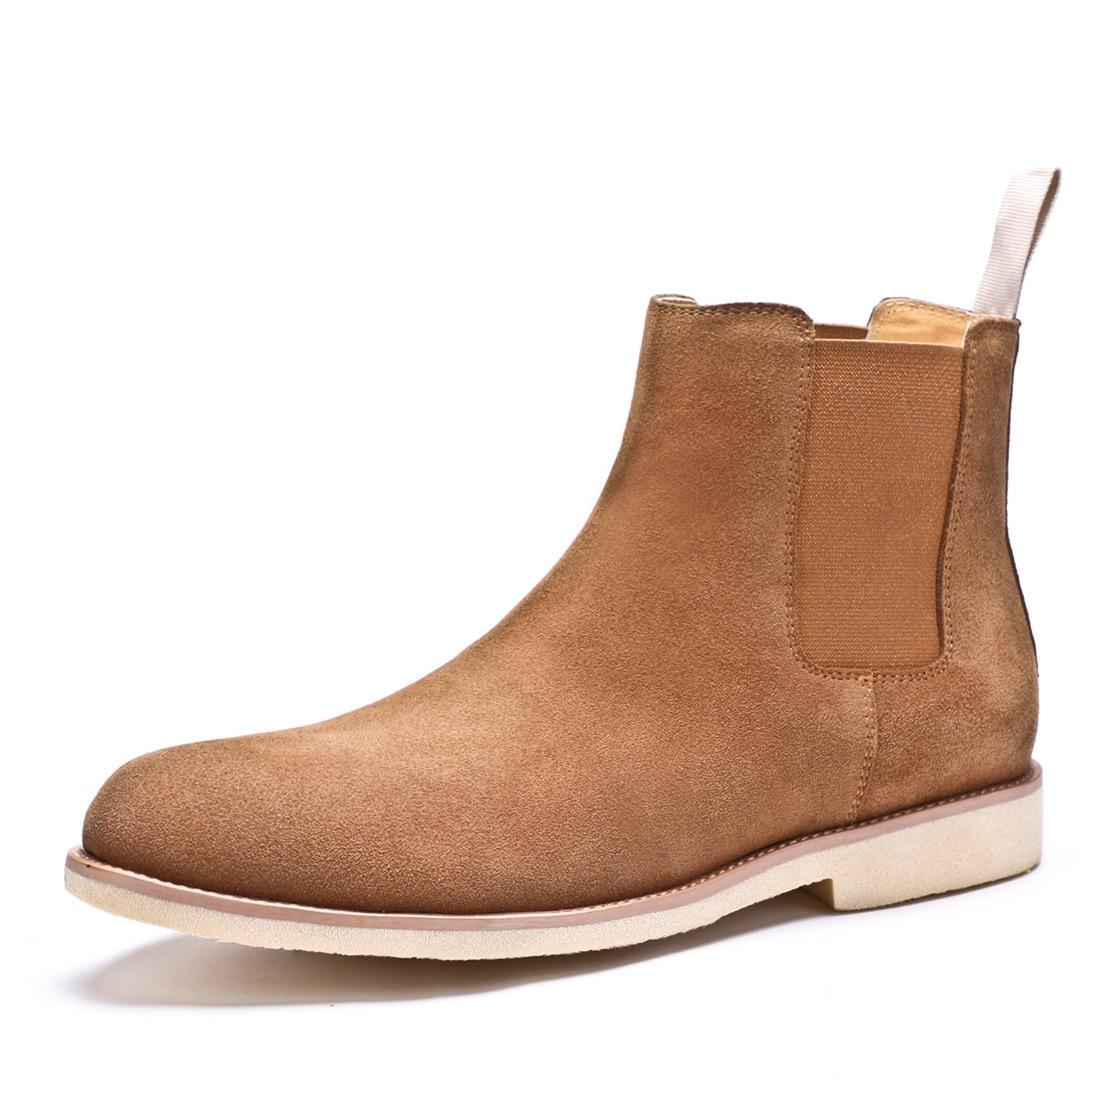 QYFCIOUFU 2019 NIEUWE Mannen Chelsea Laarzen Mode Suède Enkellaarsjes Mode mannen Merk Echt Lederen Slip Ons Man Werk laarzen Schoenen - 3